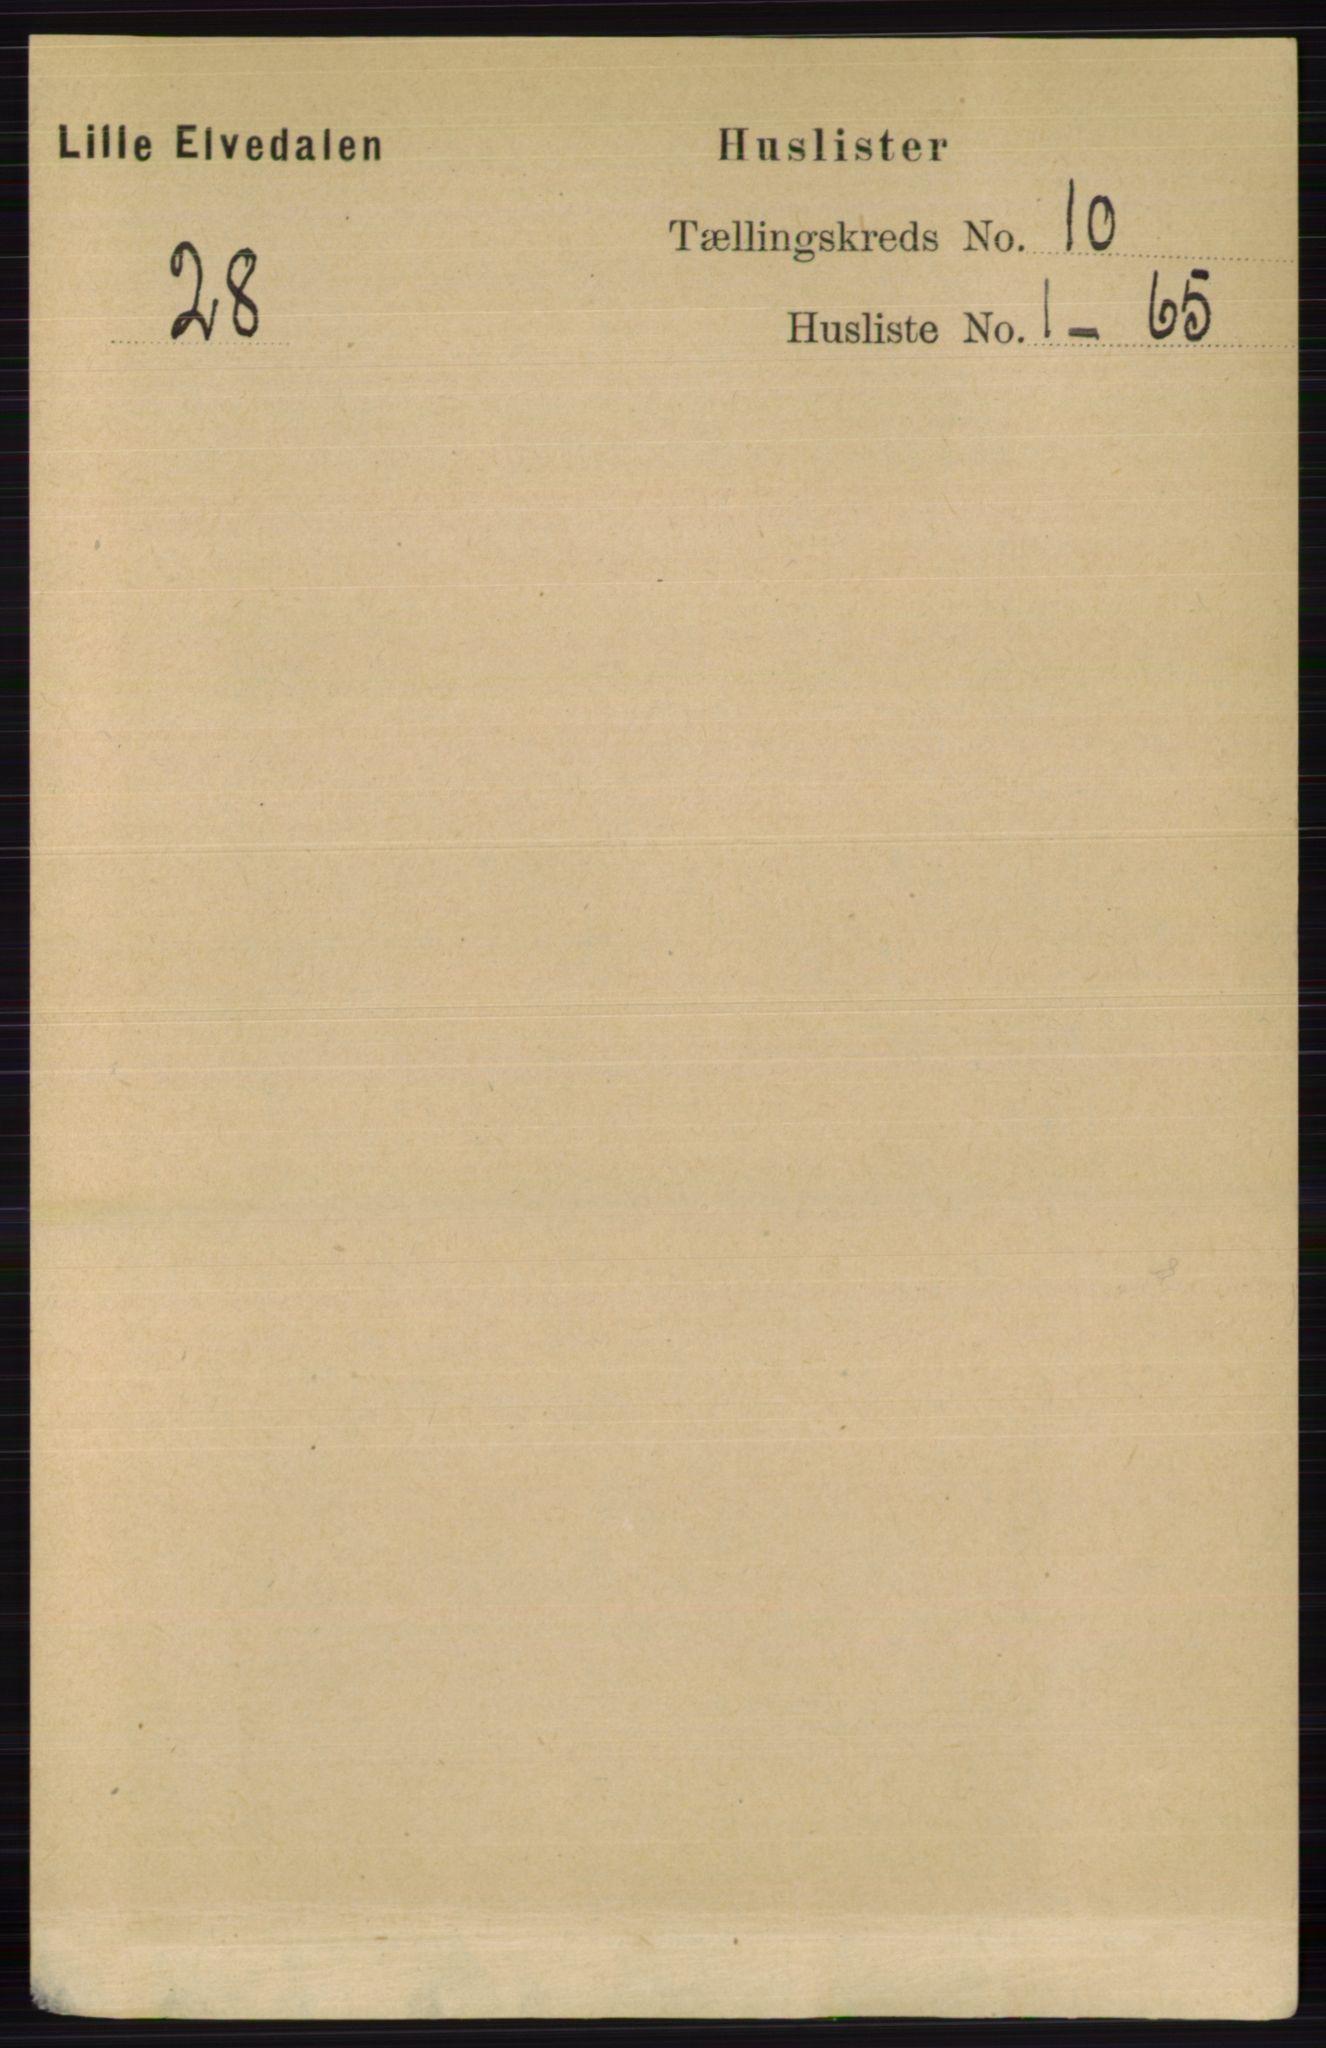 RA, Folketelling 1891 for 0438 Lille Elvedalen herred, 1891, s. 3353